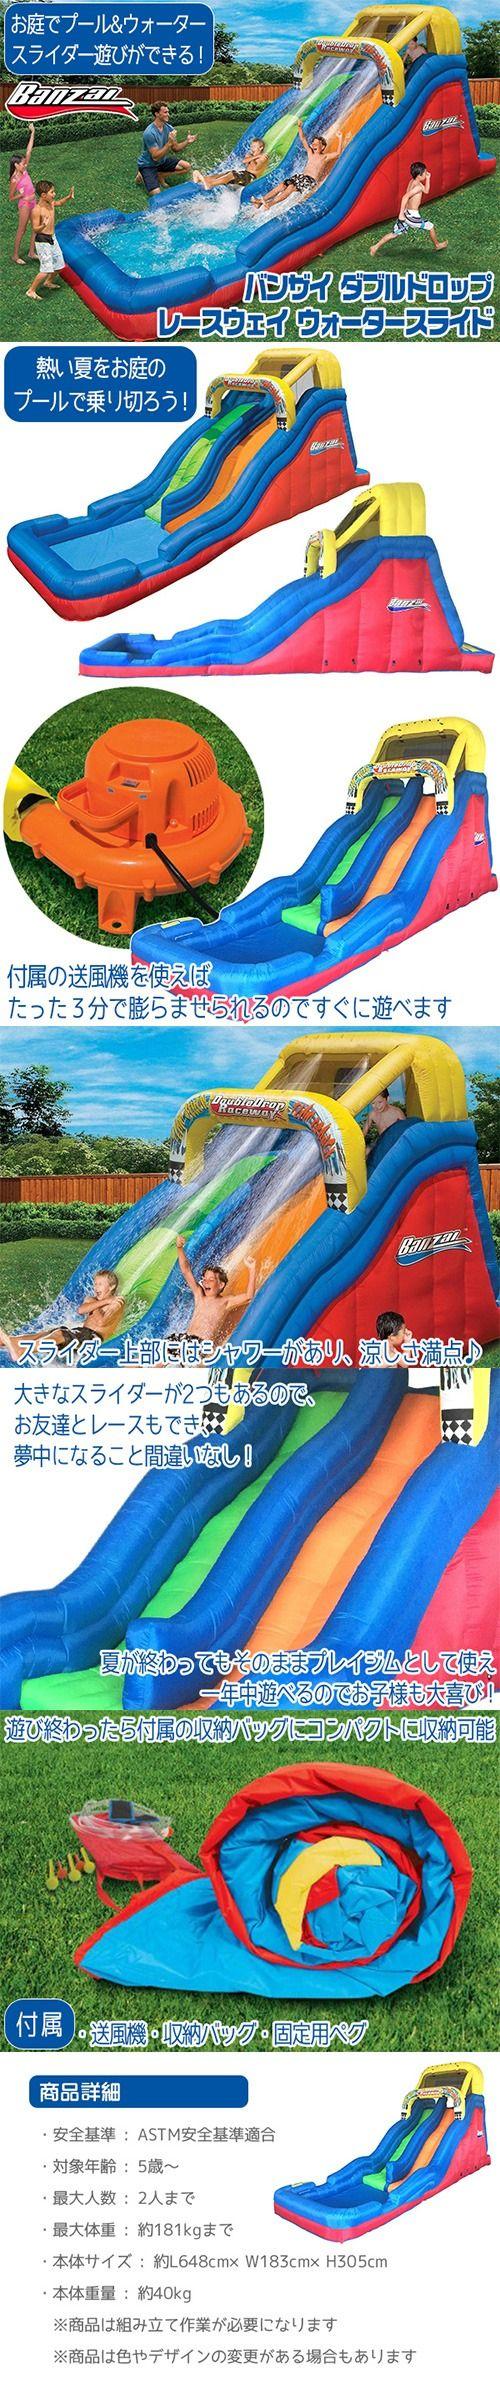 楽天市場 大型遊具 送料無料 バンザイ ダブルドロップ レース